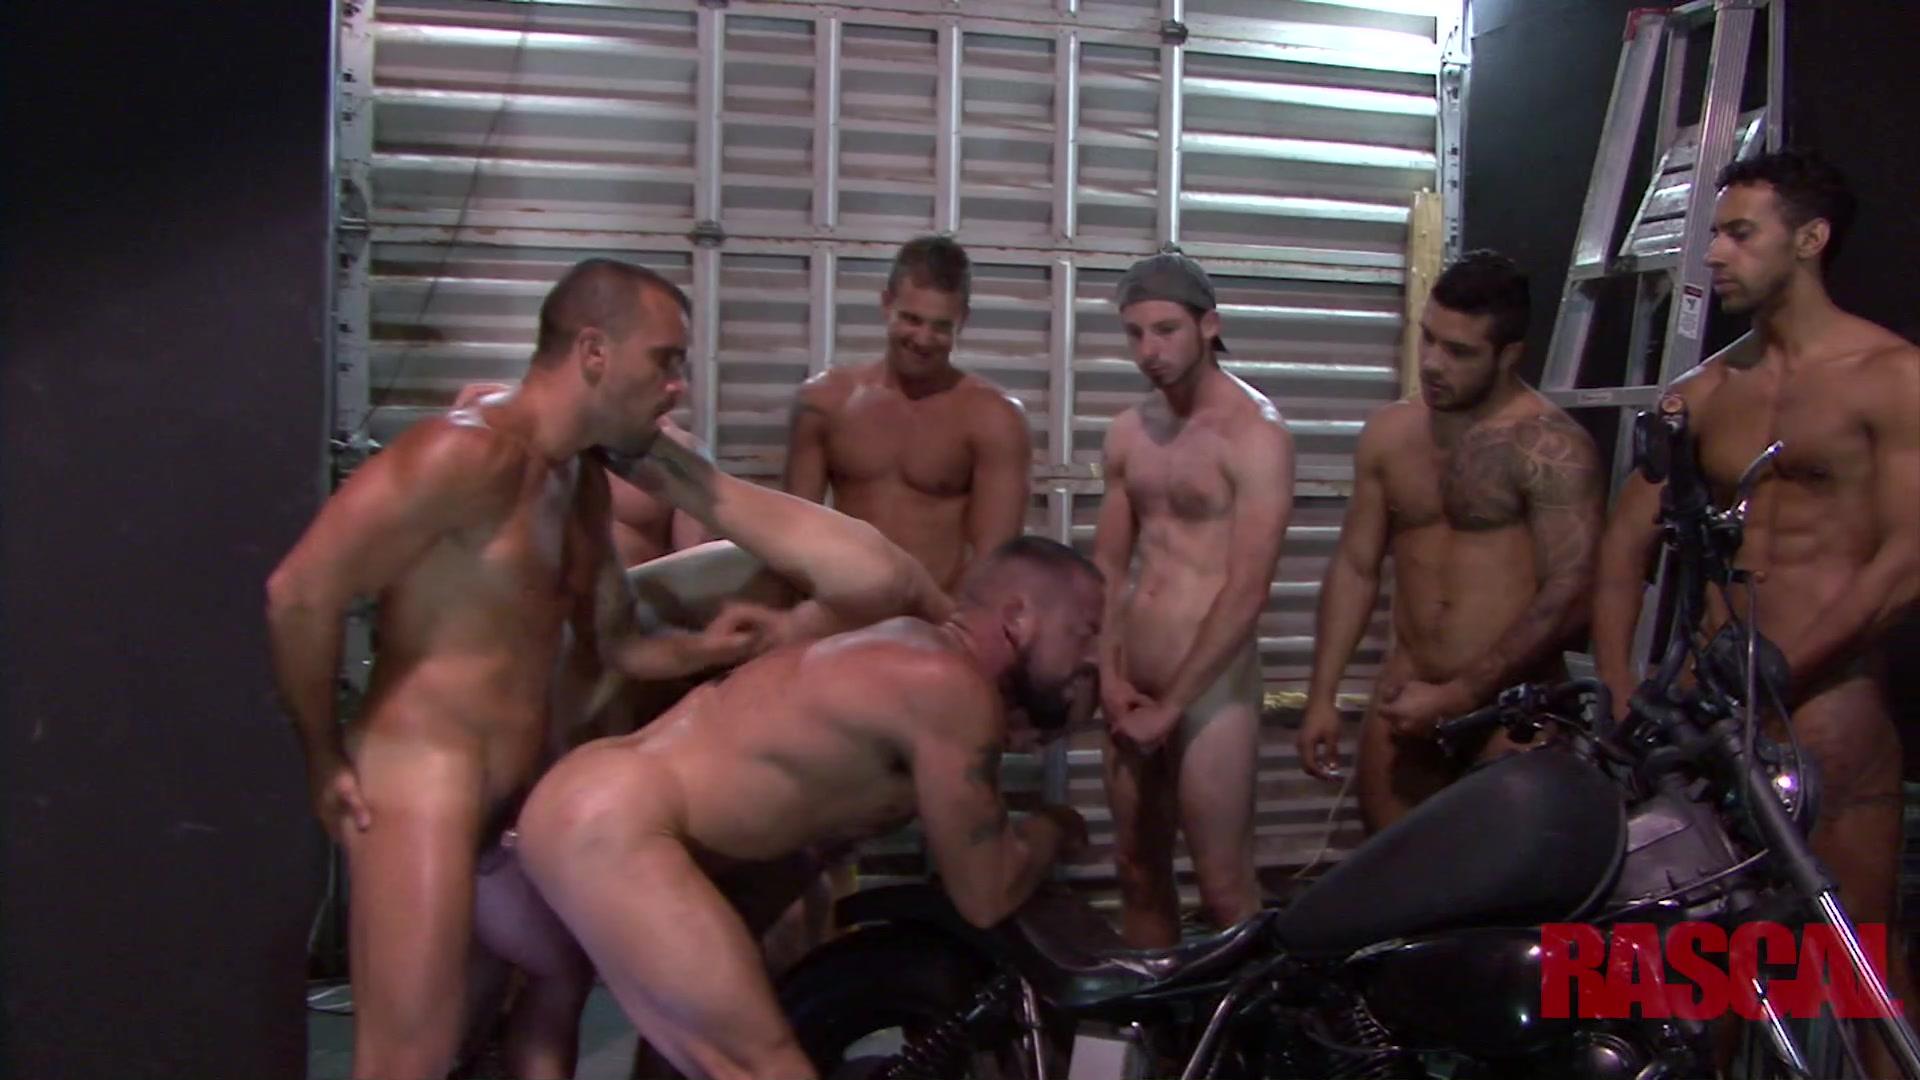 Lej Hog Wild Rascal Video Porno Movie Rental Gay Dvd-1361